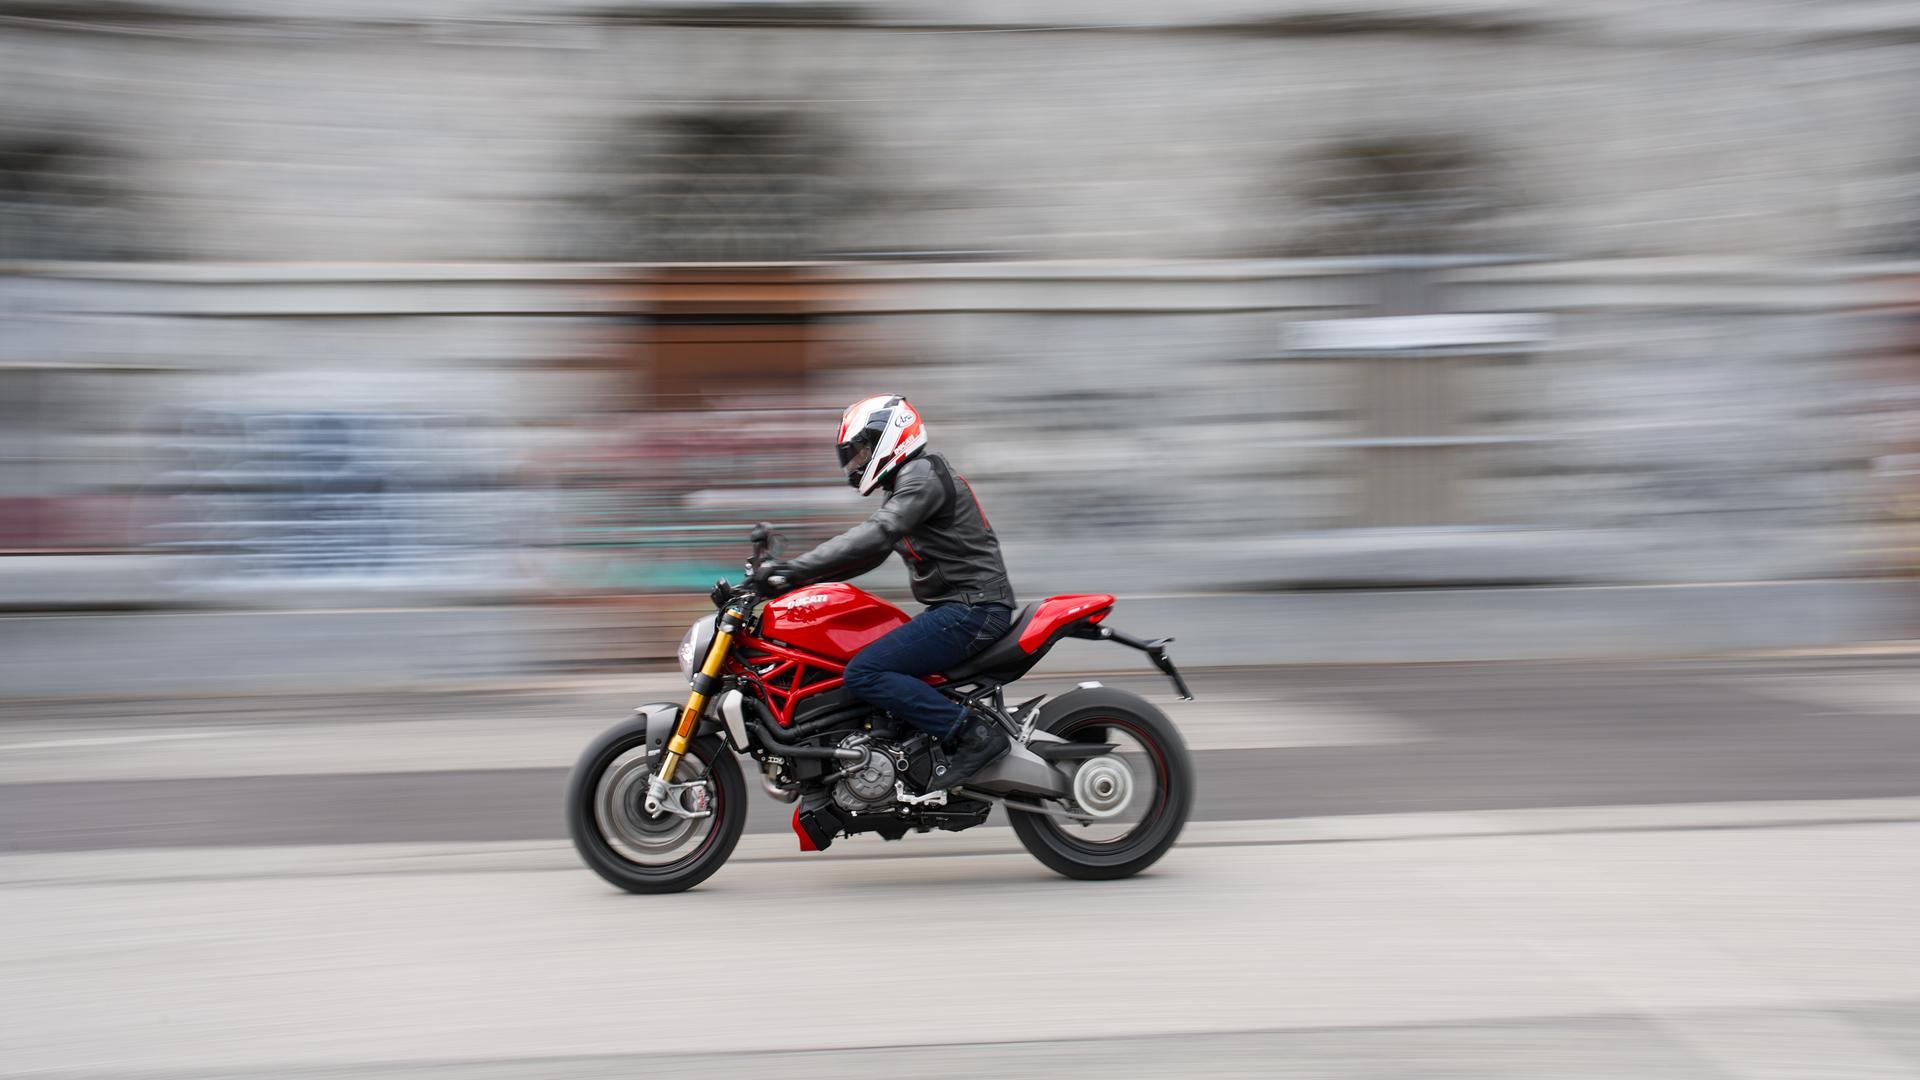 Ducati Monster 1200 High Performance Naked Bikes